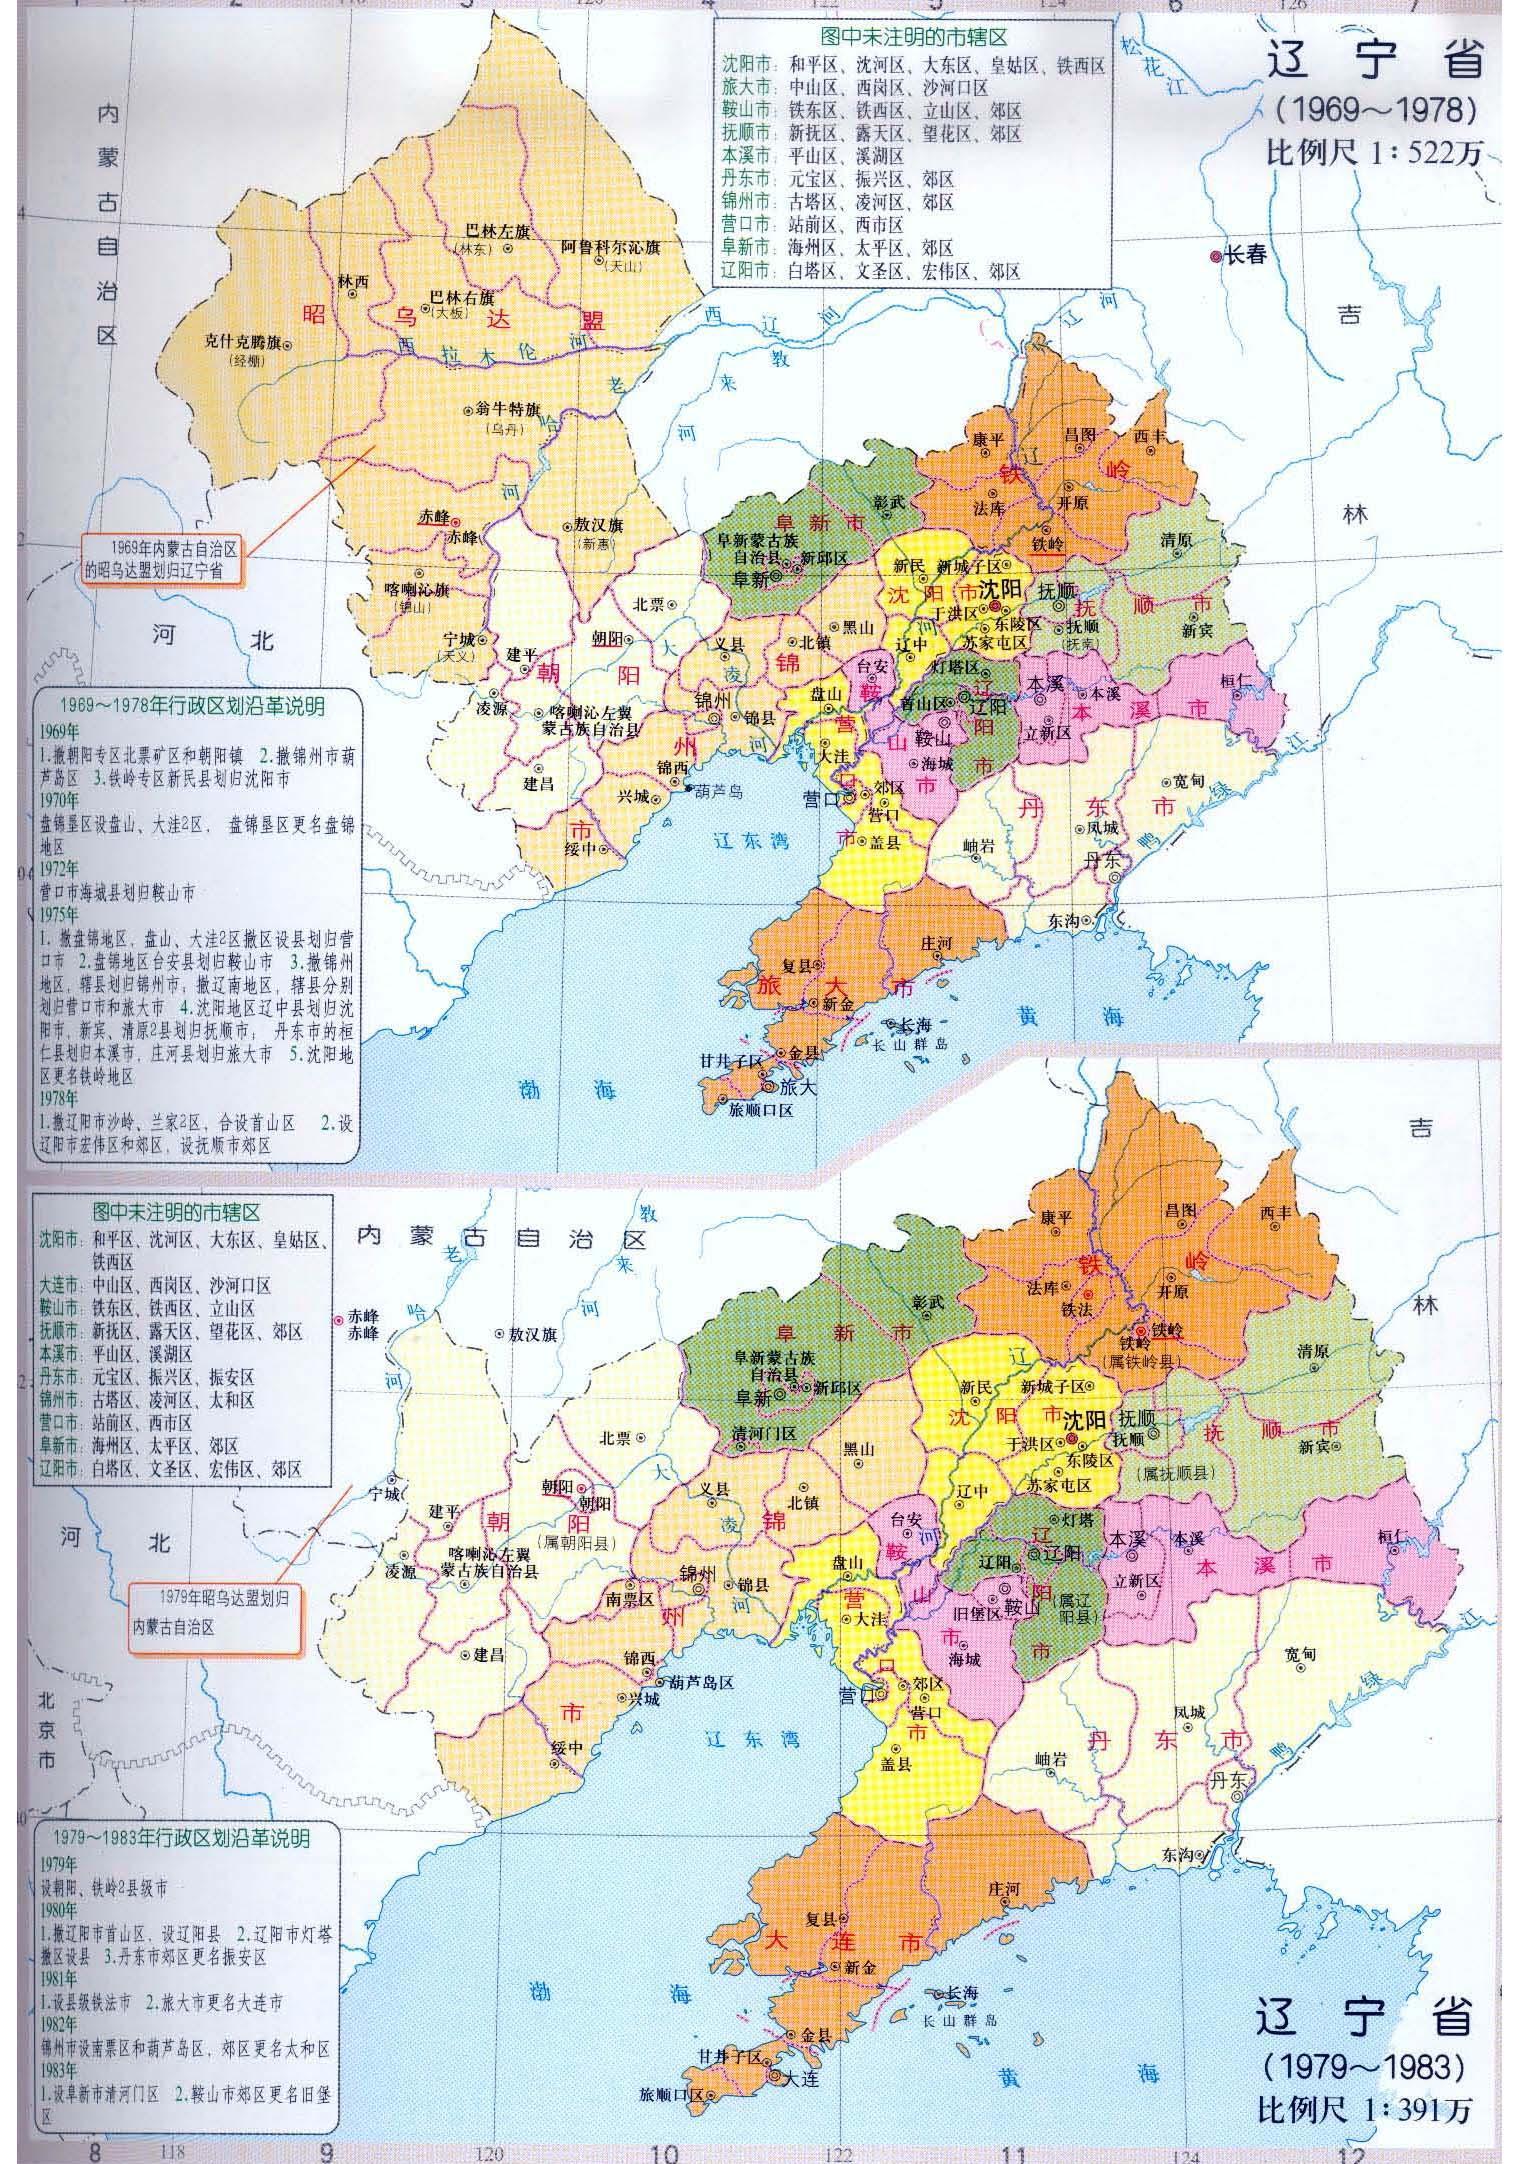 开鲁县_为什么1960年以后,几乎没有县市从A省划到B省? - 知乎